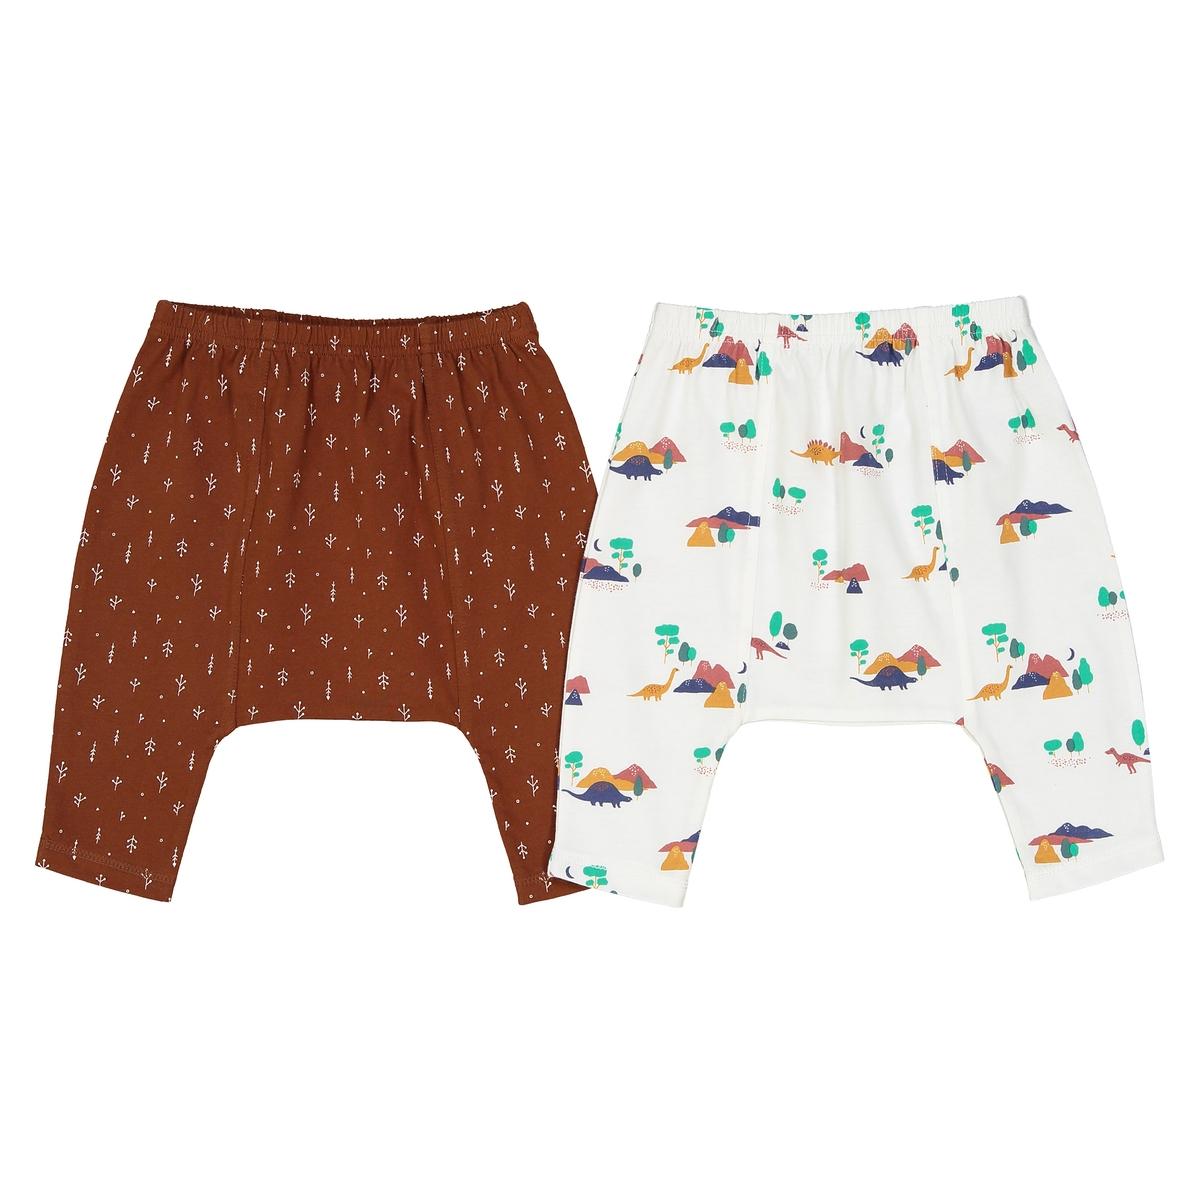 Confezione da 2 pantaloni alla turca dinosauro 0 mesi- 2 anni